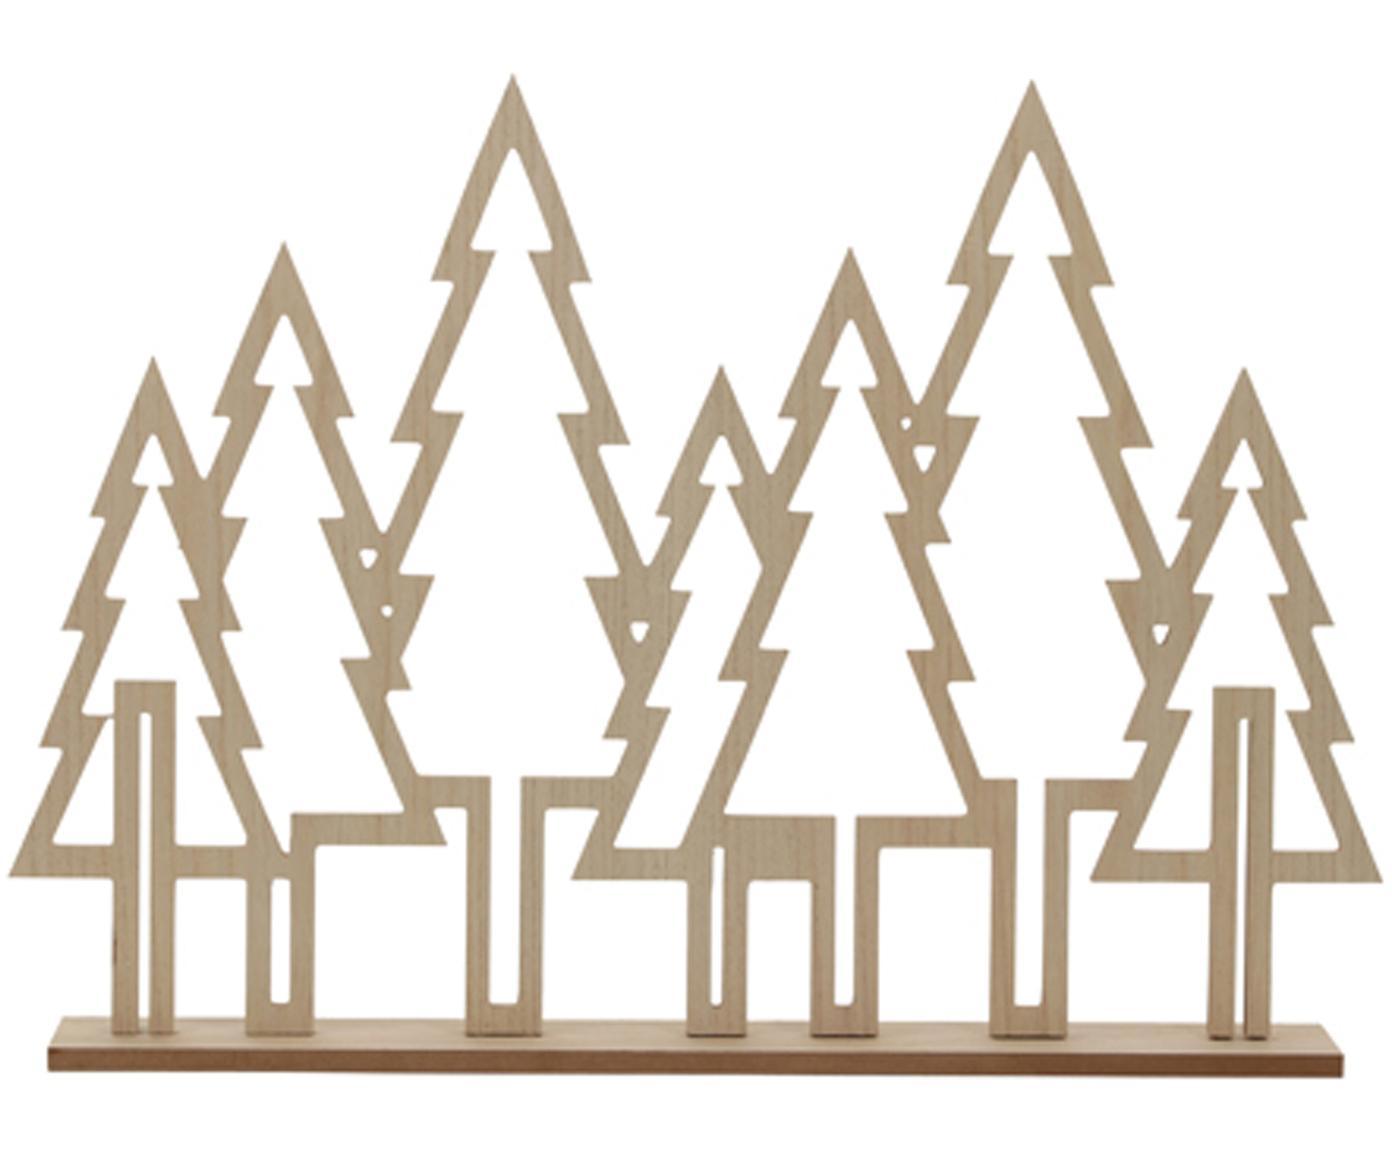 XL Deko-Objekt Waldi, Mitteldichte Holzfaserplatte, beschichtet, Braun, 71 x 51 cm